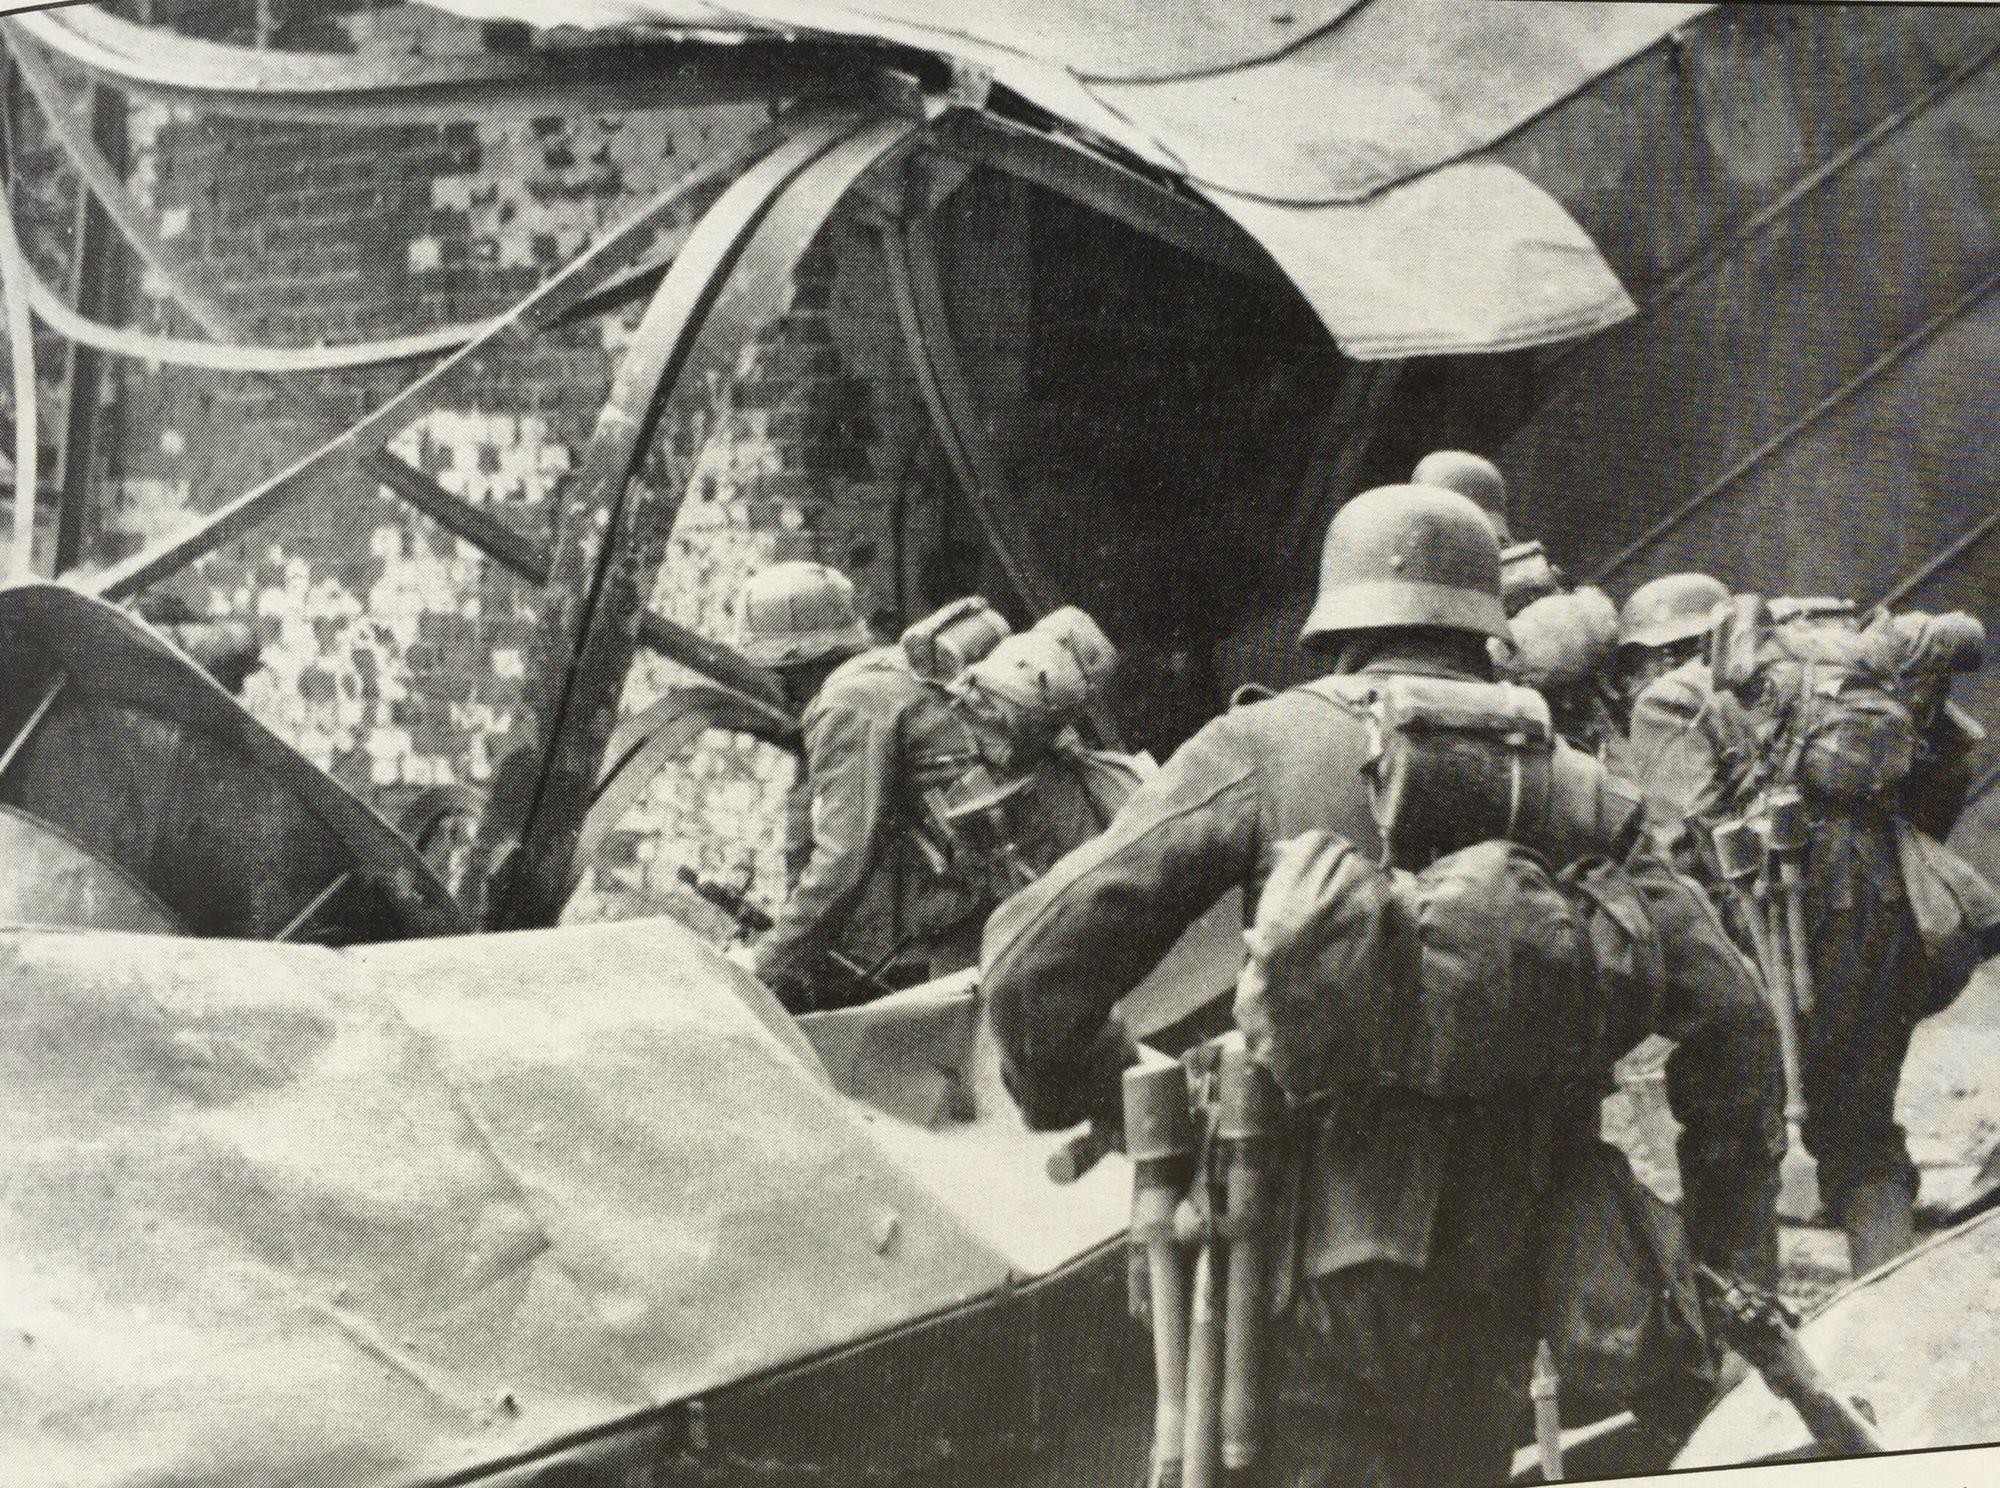 Немецкая пехота пробирается через развалины завода. Сталинград, 1942 г.